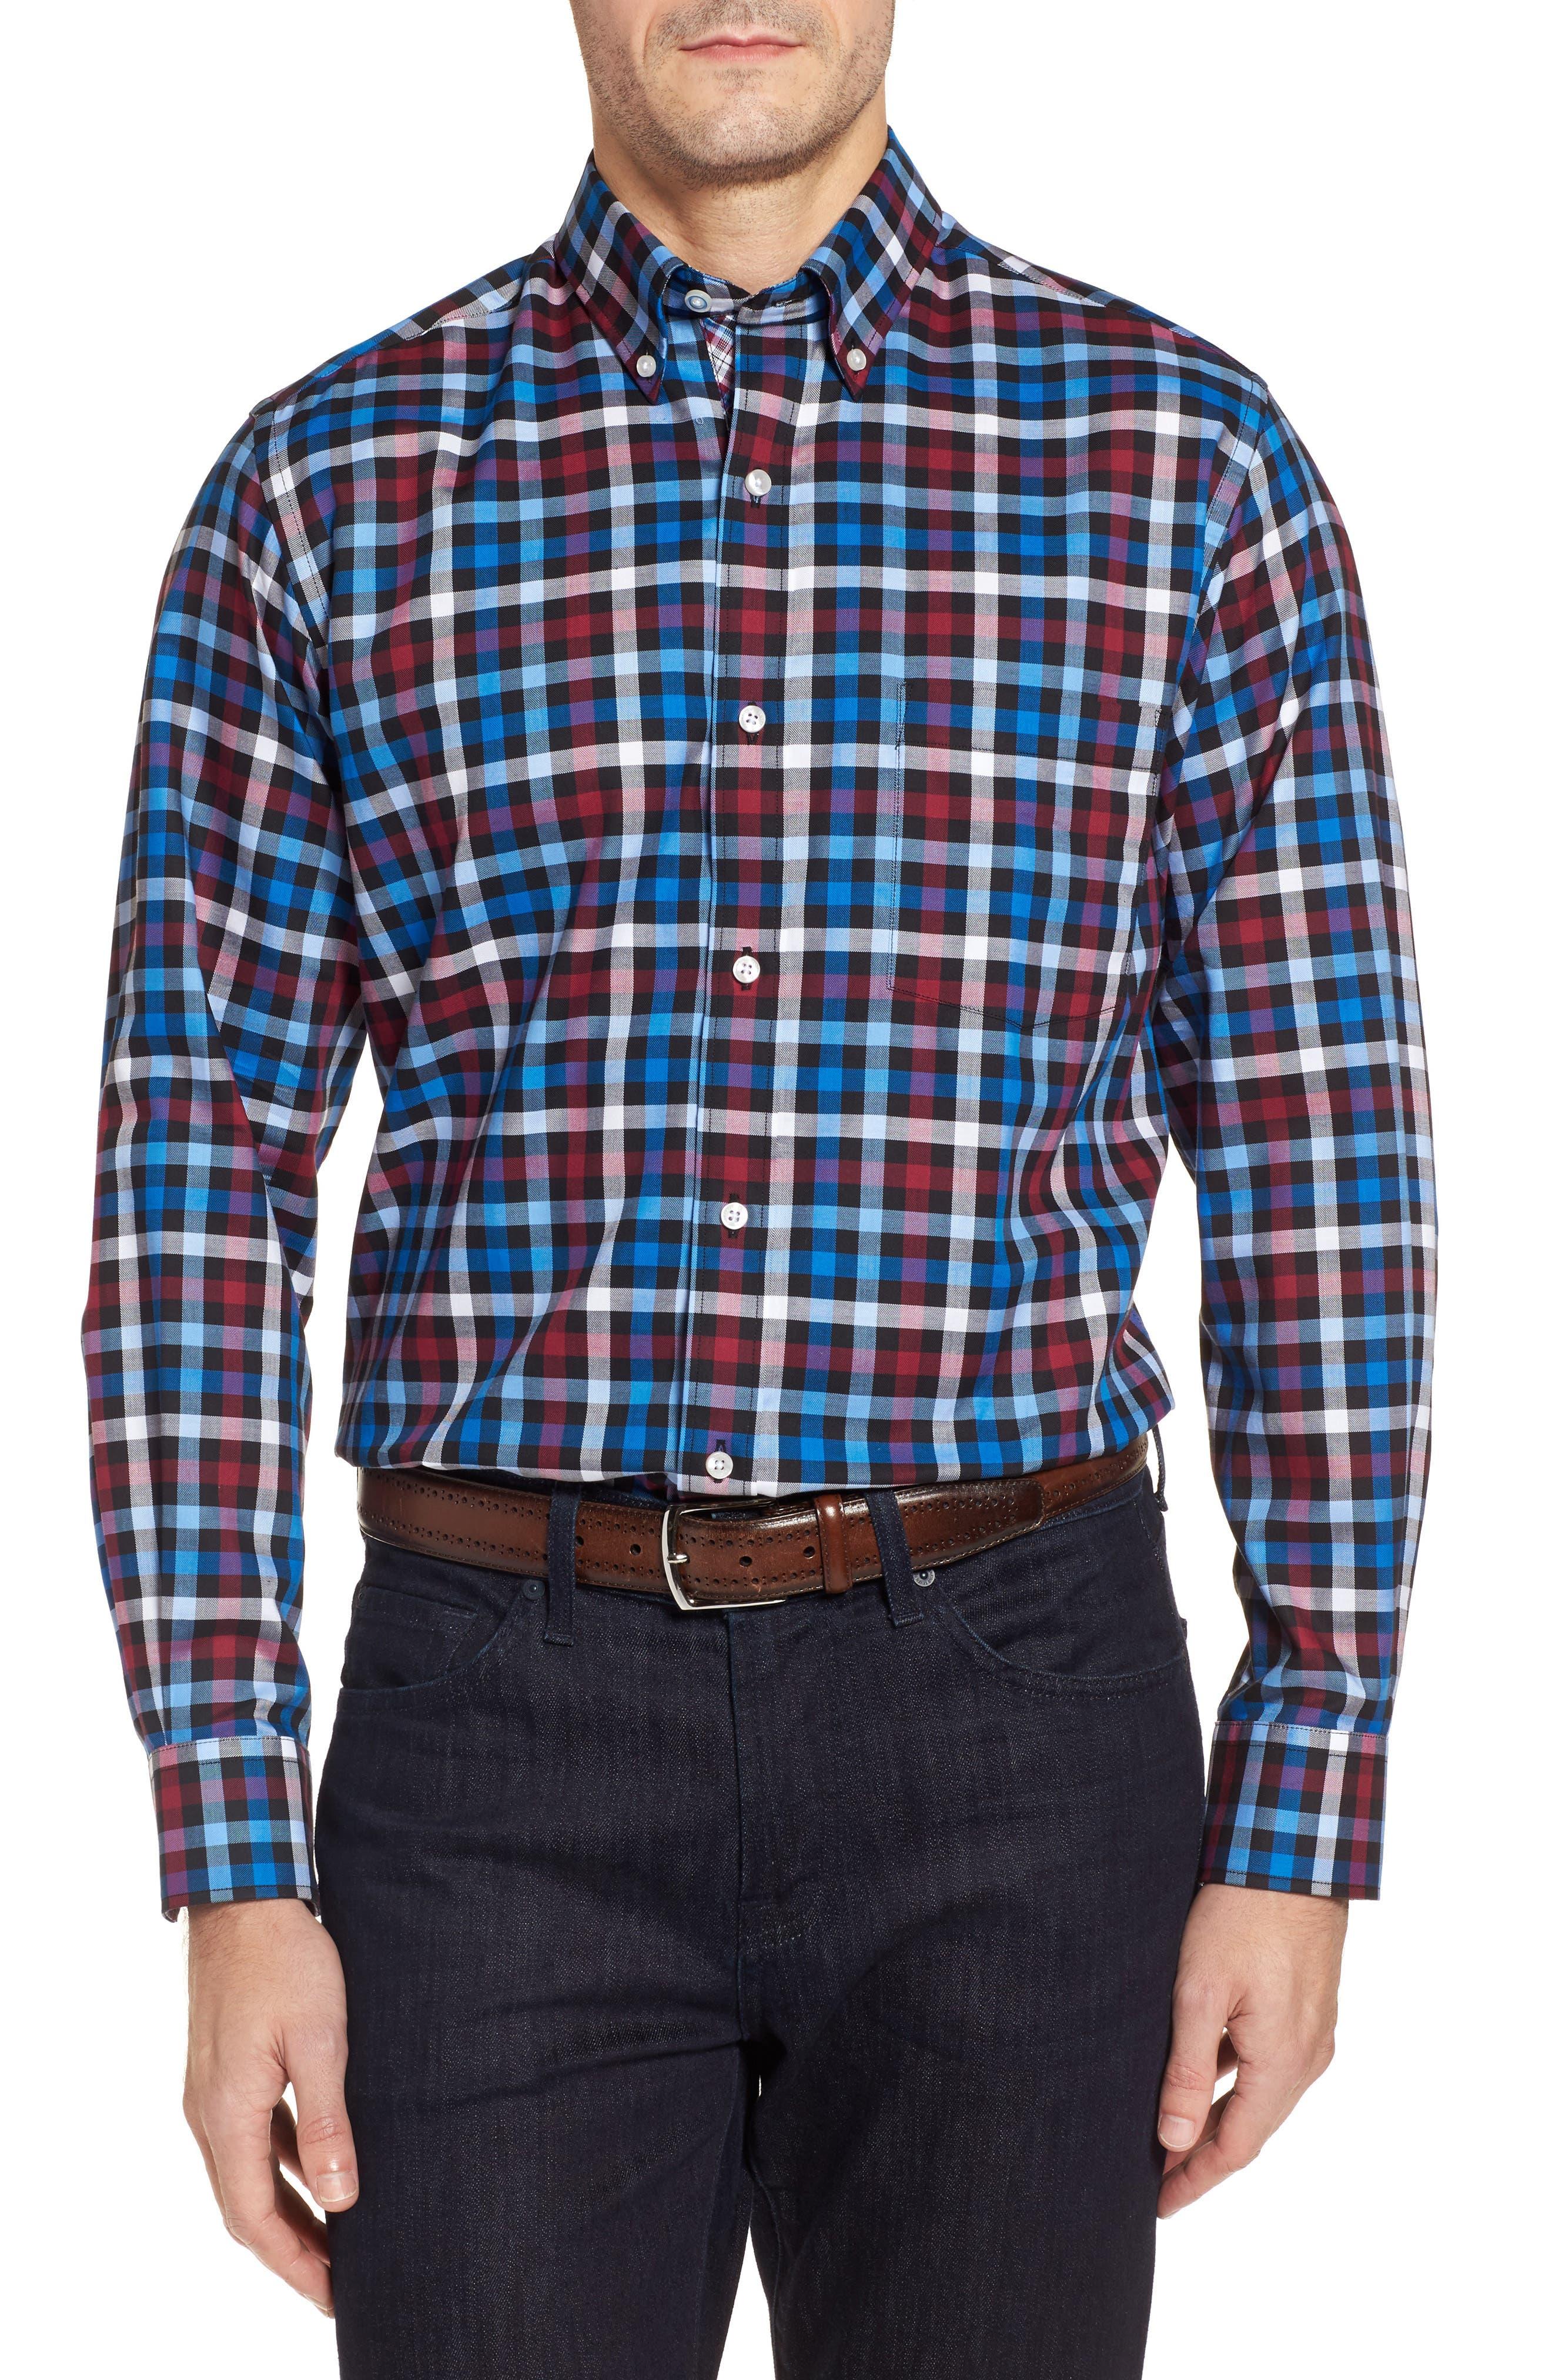 Alternate Image 1 Selected - TailorByrd Brusly Regular Fit Gingham Sport Shirt